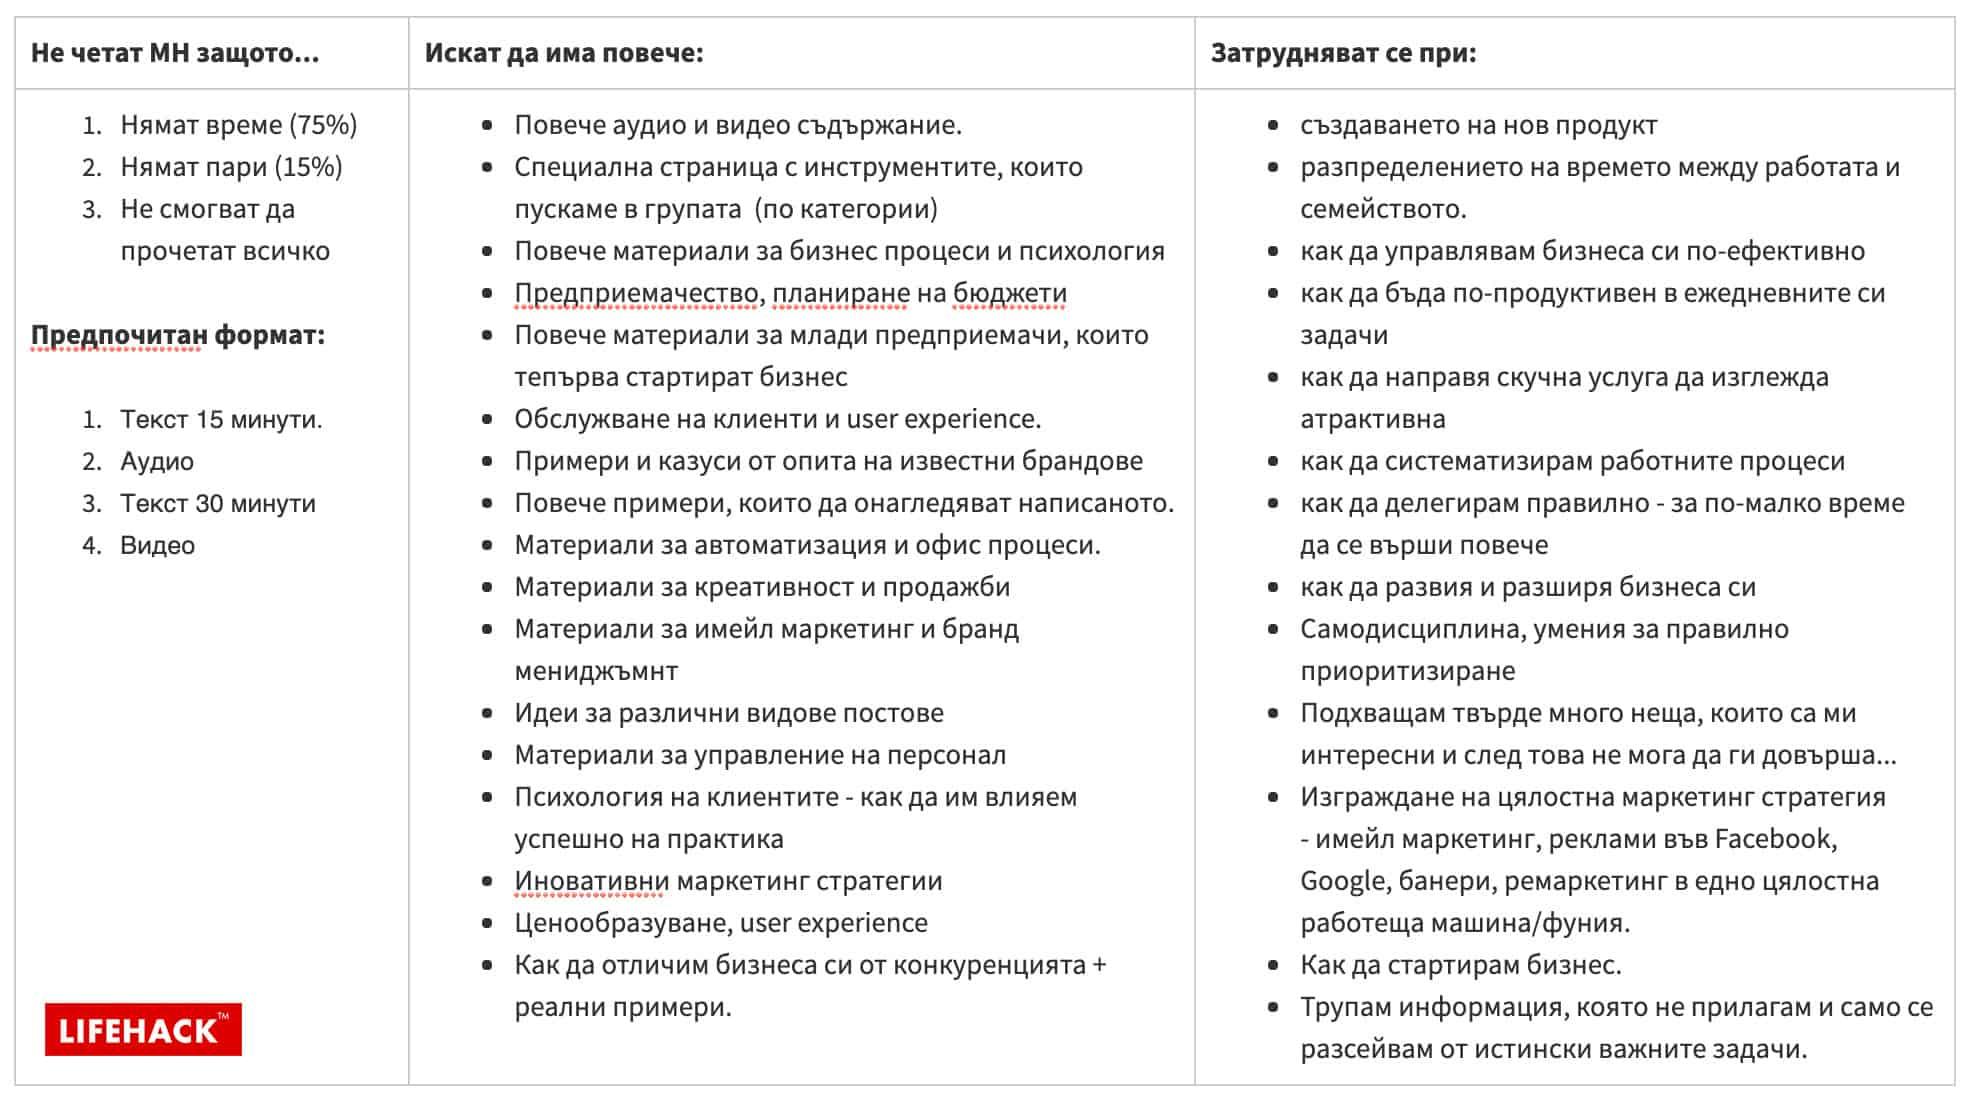 анализ на потребители